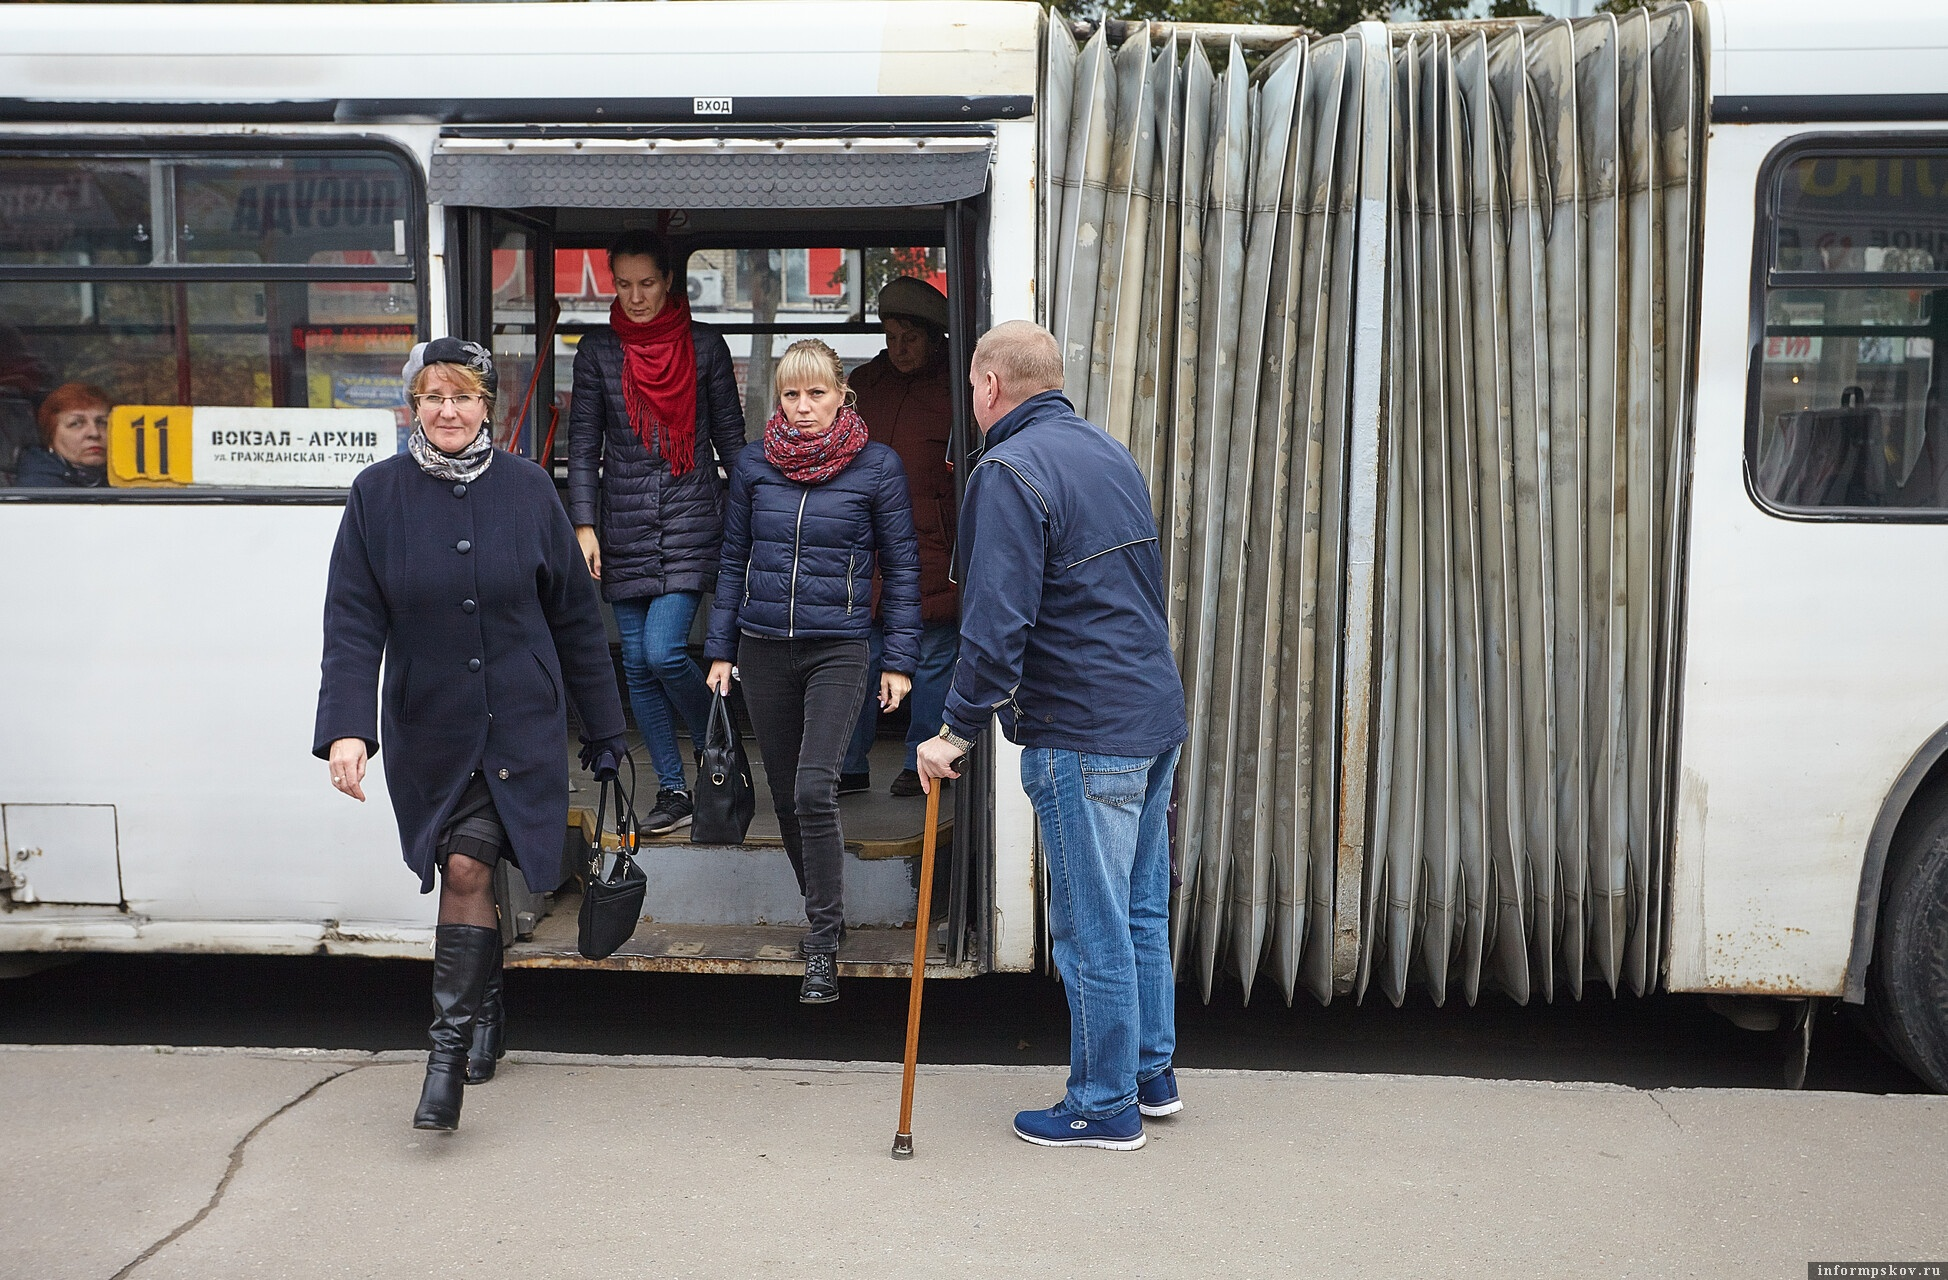 Автобус маршрута №11 в Пскове планируют запустить от перекрестка Звездной и Труда направо, к кольцу. Фото: Дарья Хваткова.